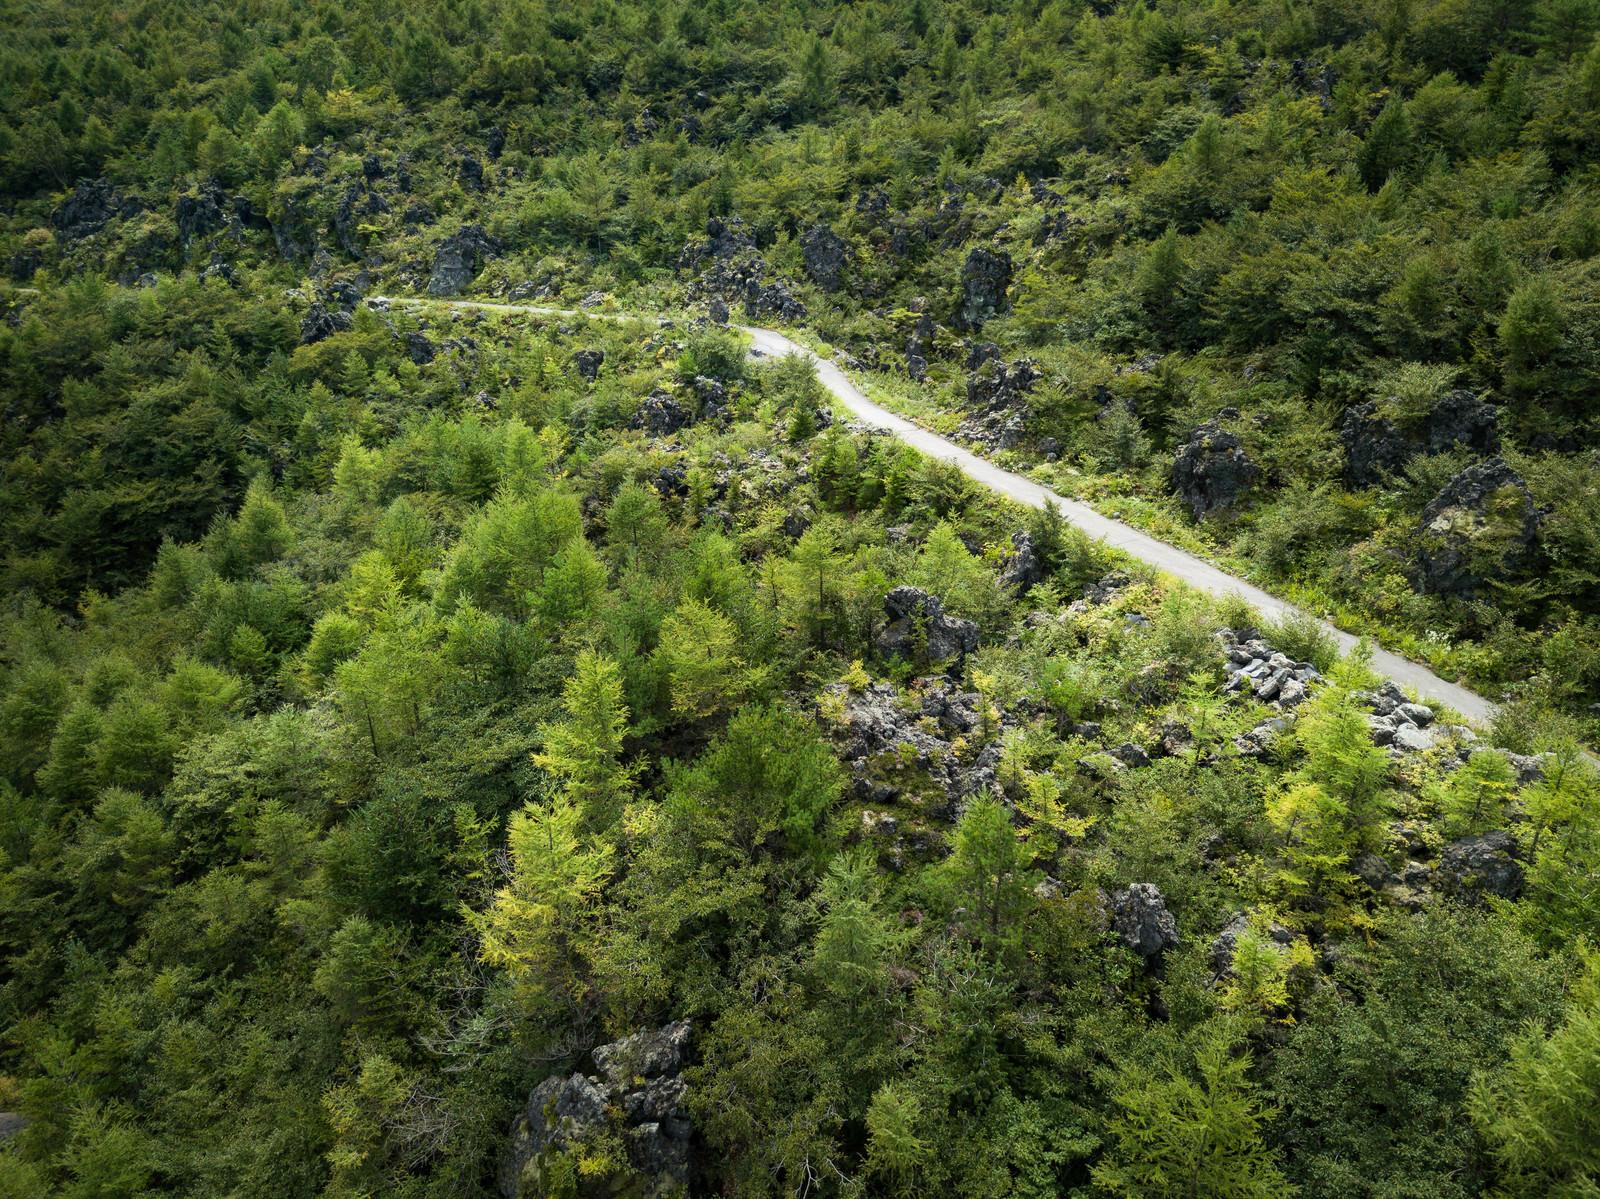 「浅間園の遊歩道と溶岩(鬼押出し)」の写真